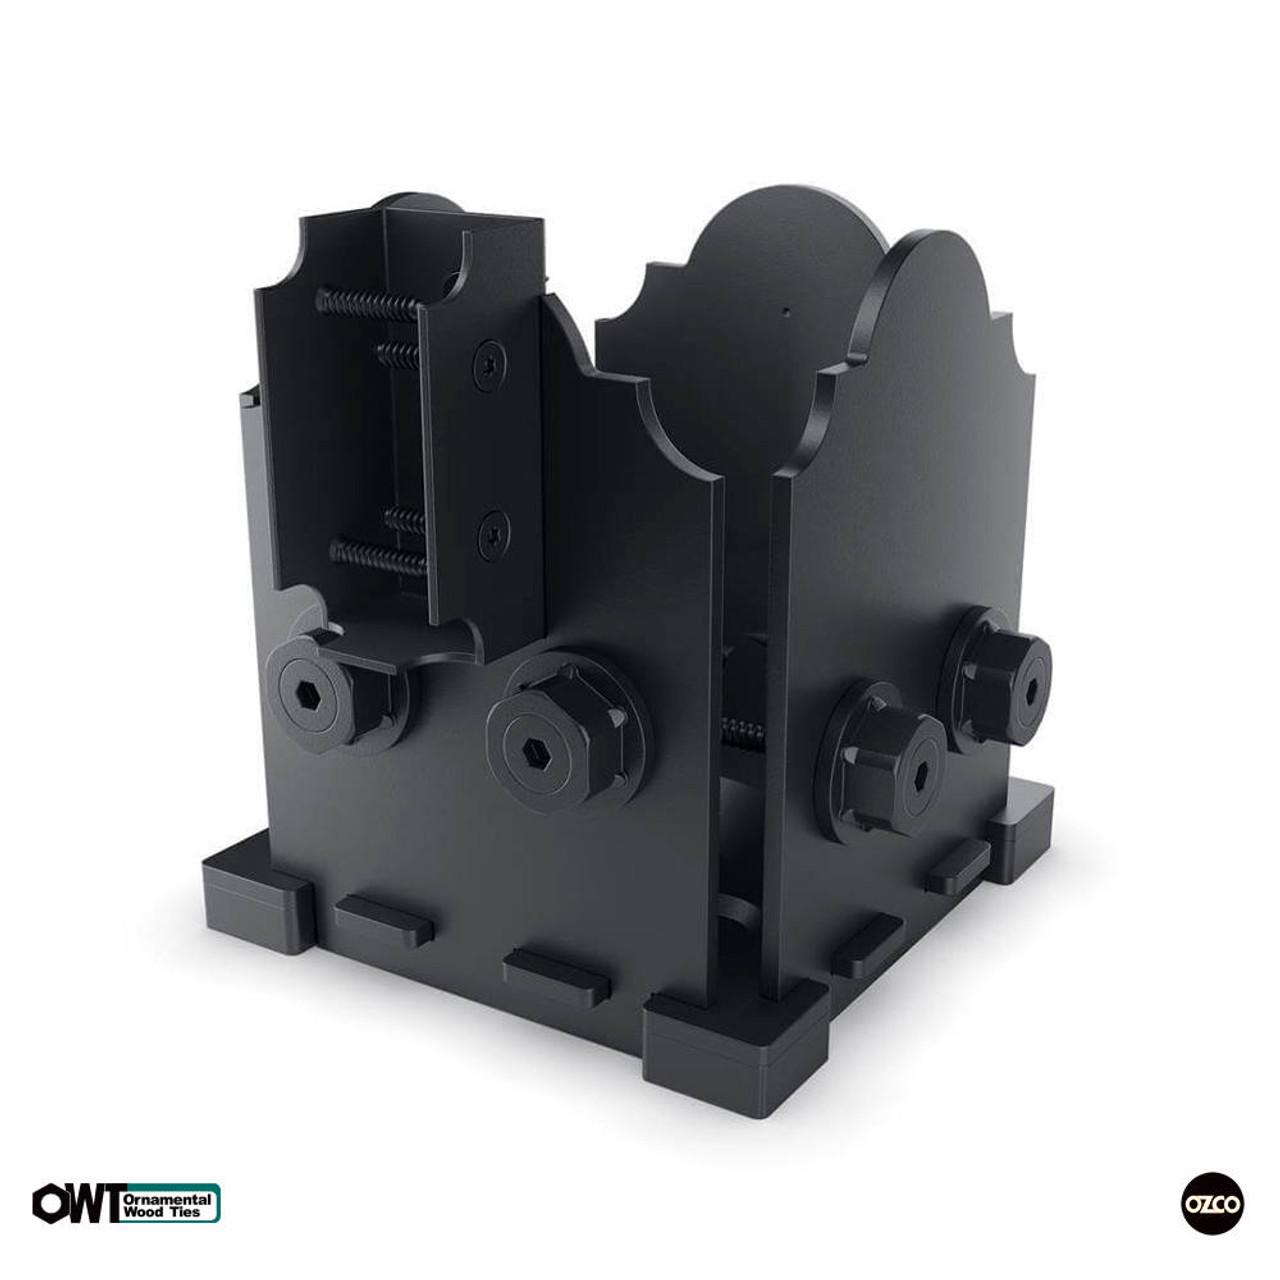 OZCO OWT Hardware 6 x 6 Post Base w/ Single Rail Saddle w/ Laredo Sunset Style